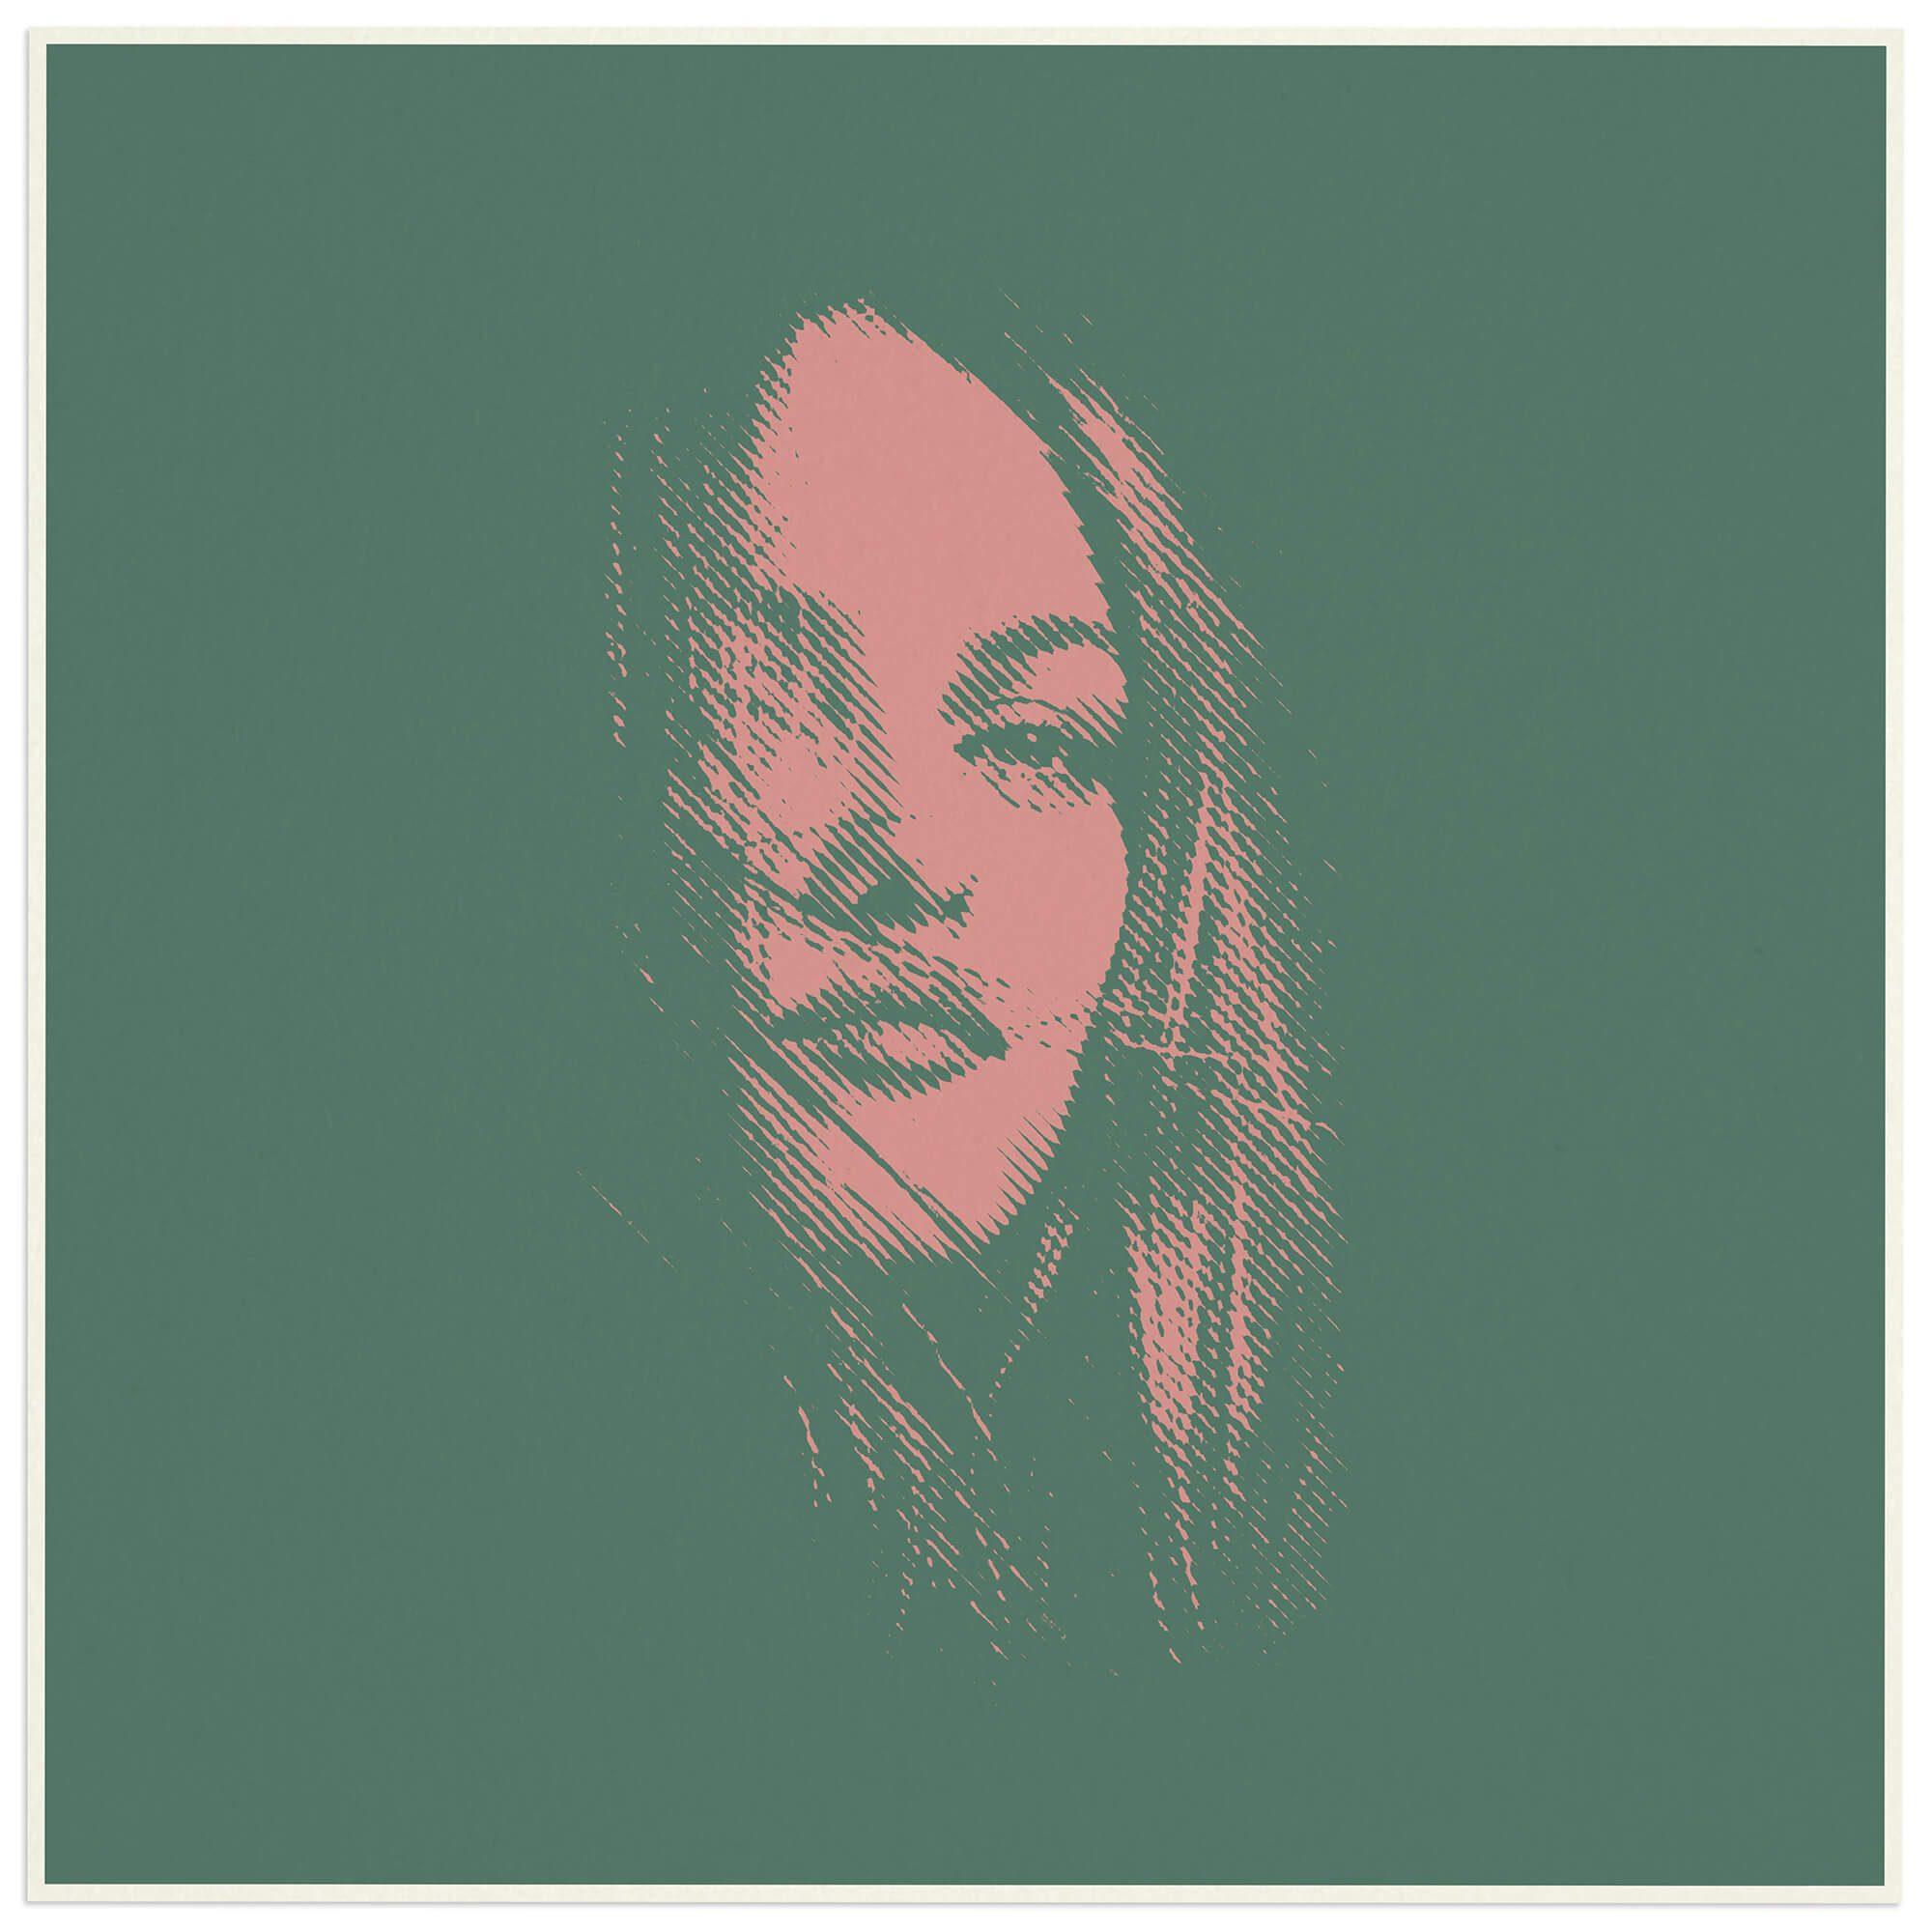 lithographie du portrait graphique de Vanessa Paradis en édition limitée à 1000 exemplaire, design et graphisme Helena Ichbiah, IchetKar